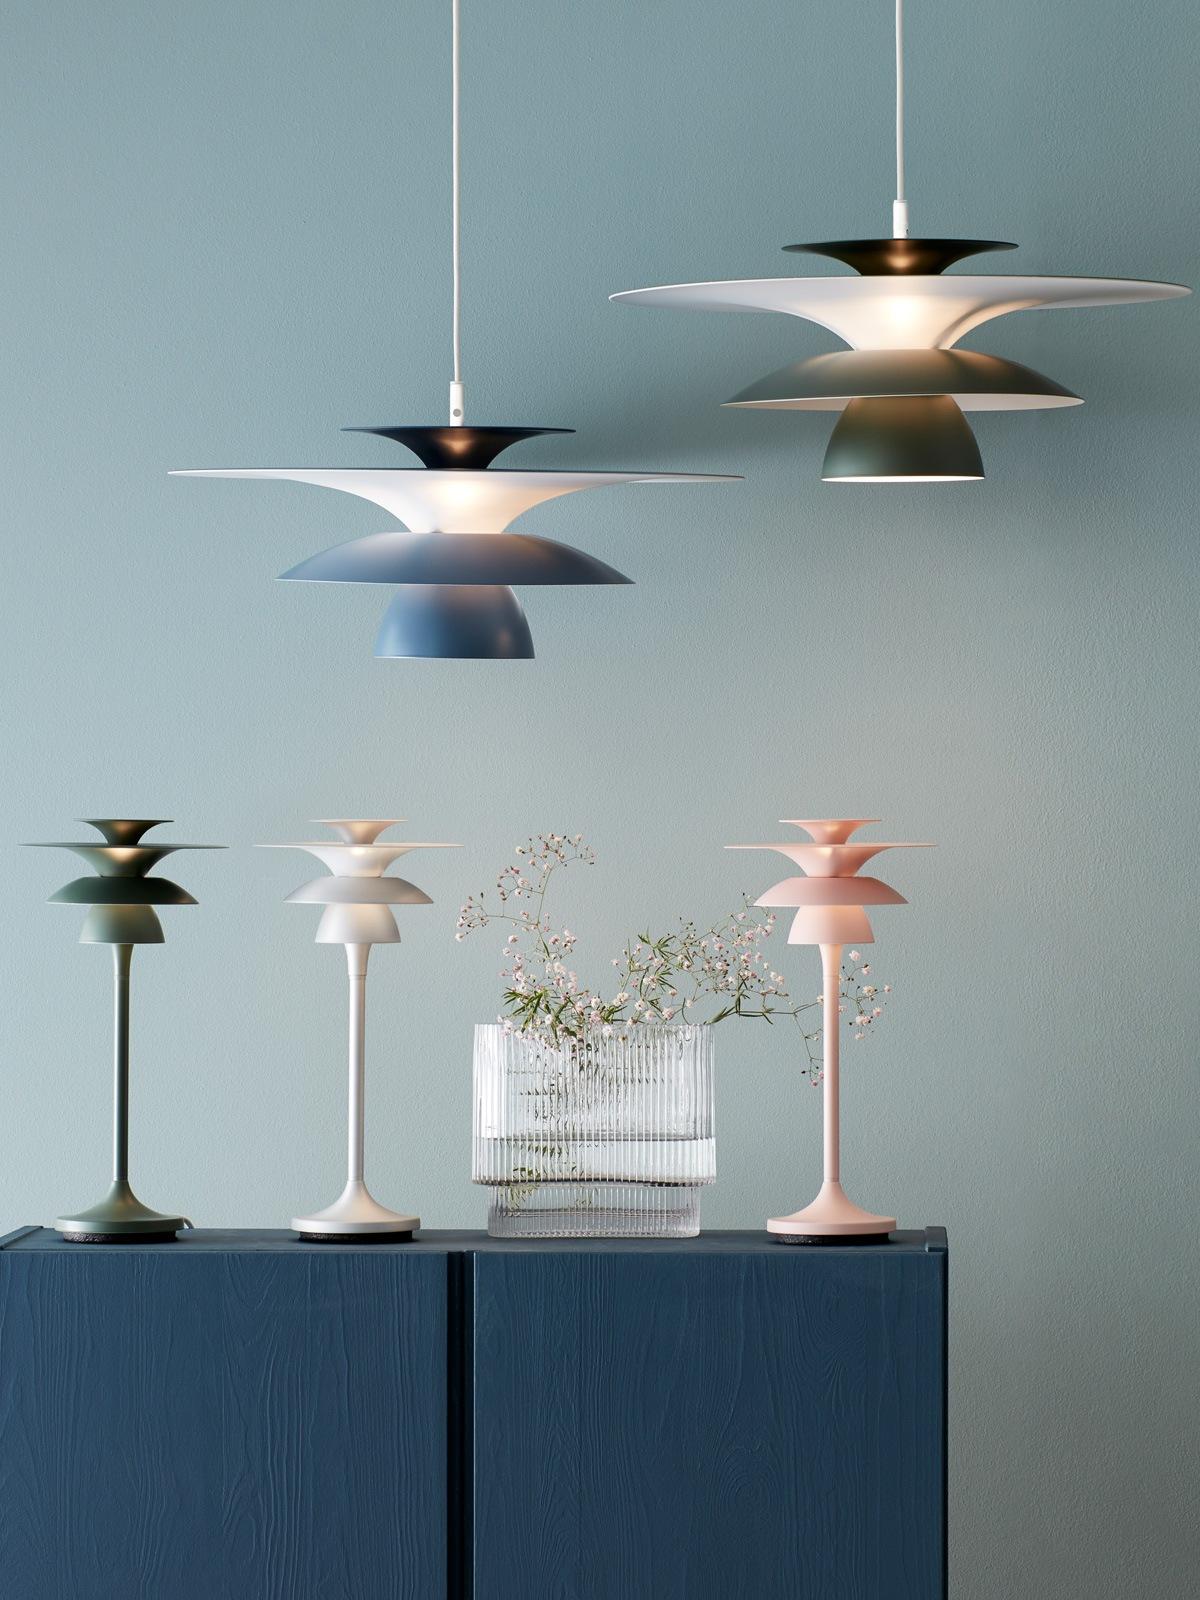 Picasso Leuchten von Belid DesignOrt Onlineshop Lampen